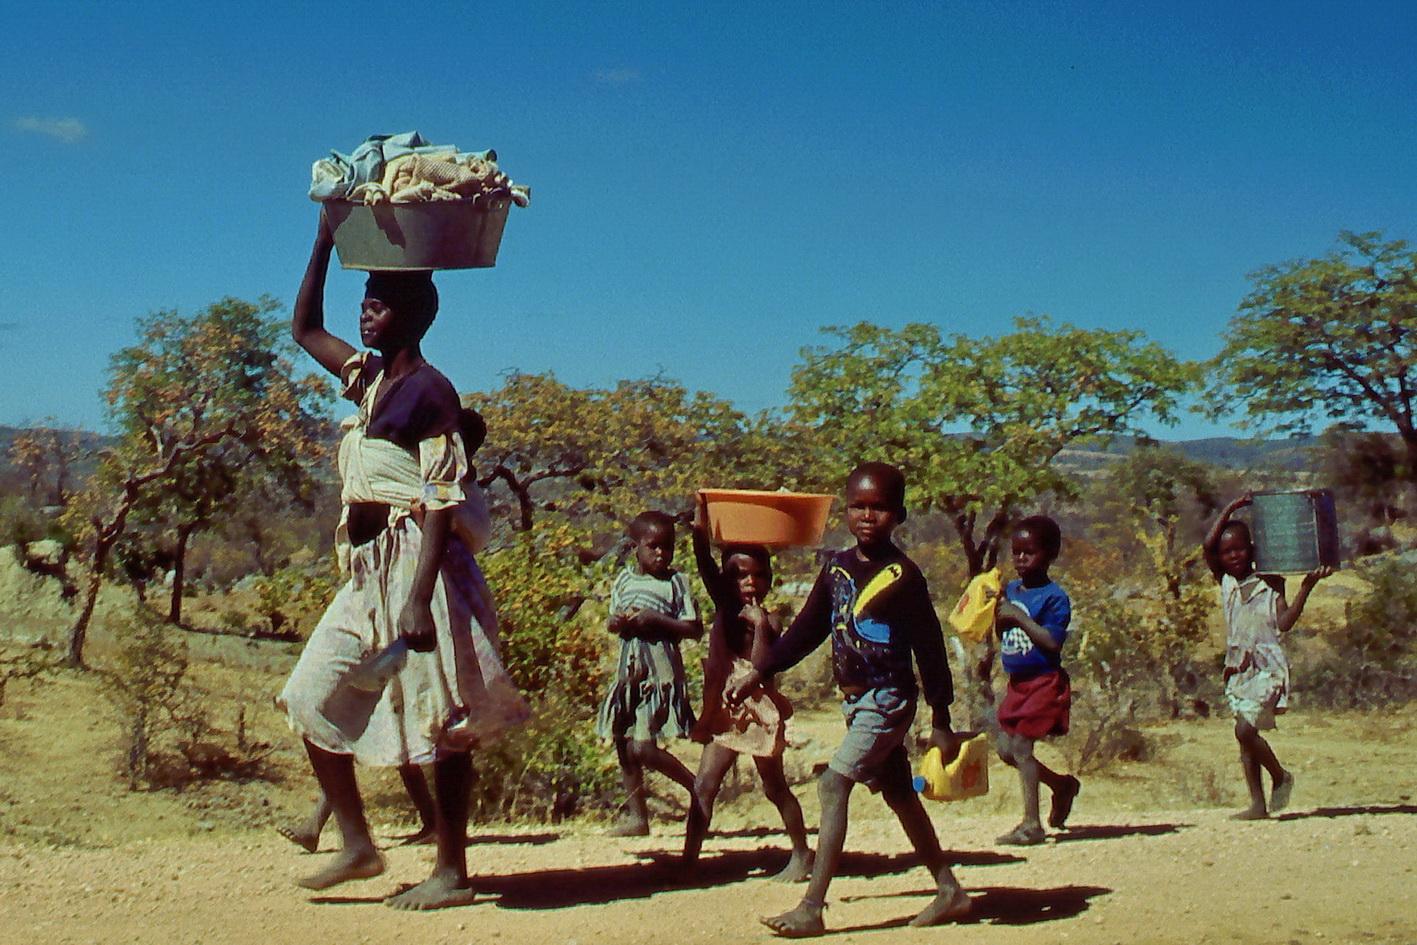 Familienwaschtag in Afrika - Auf dem Weg zur großen Wäsche am Fluss